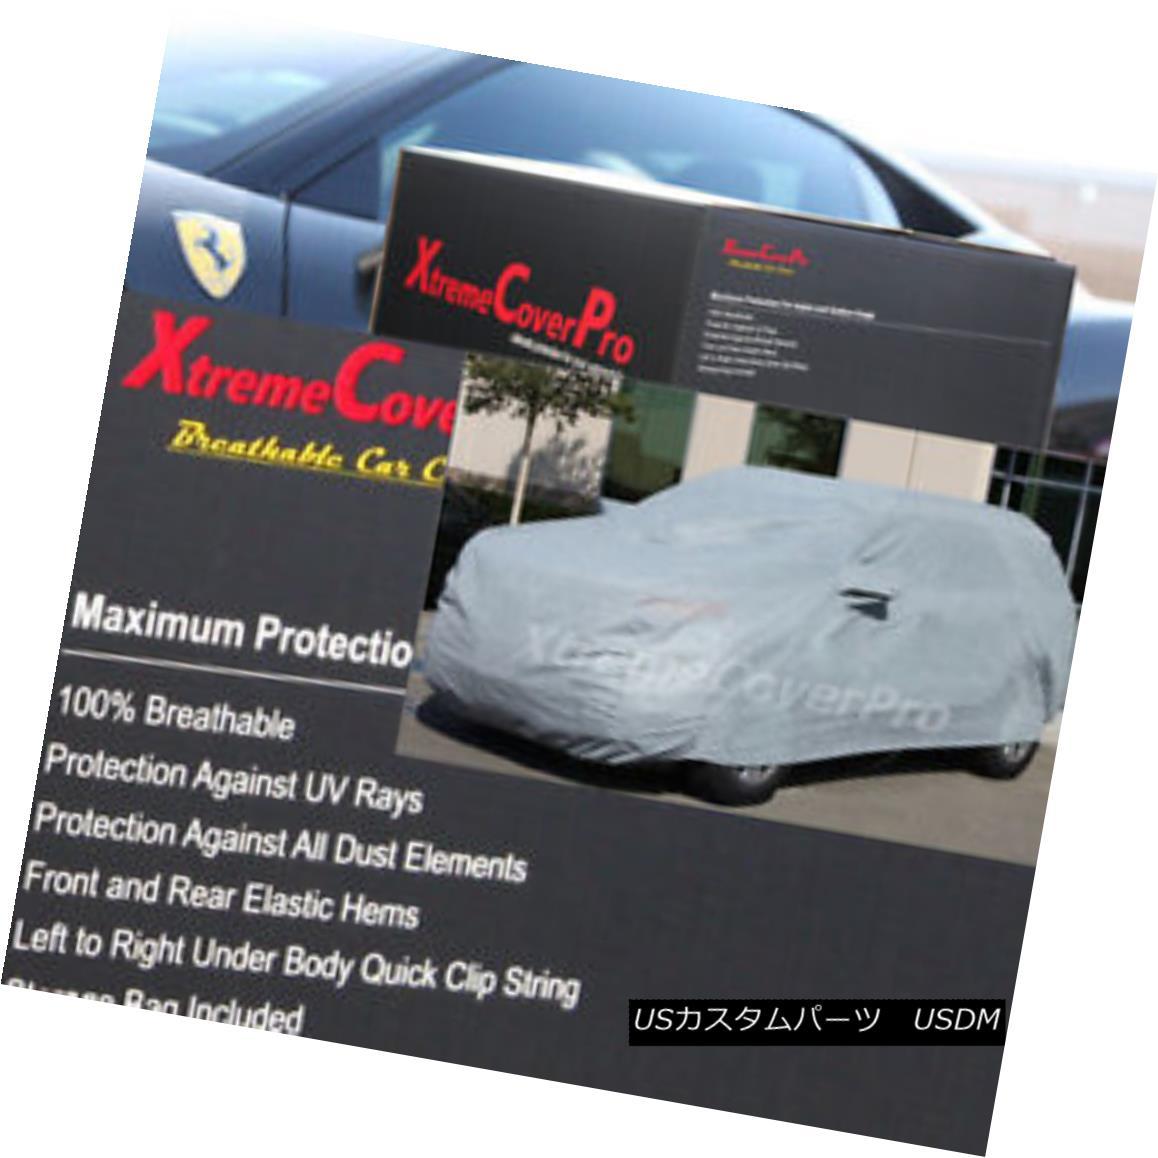 カーカバー 1999 2000 2001 Jeep Grand Cherokee Breathable Car Cover w/MirrorPocket 1999 2000 2001ジープグランドチェロキー通気性の車カバー付き/ MirrorPocket